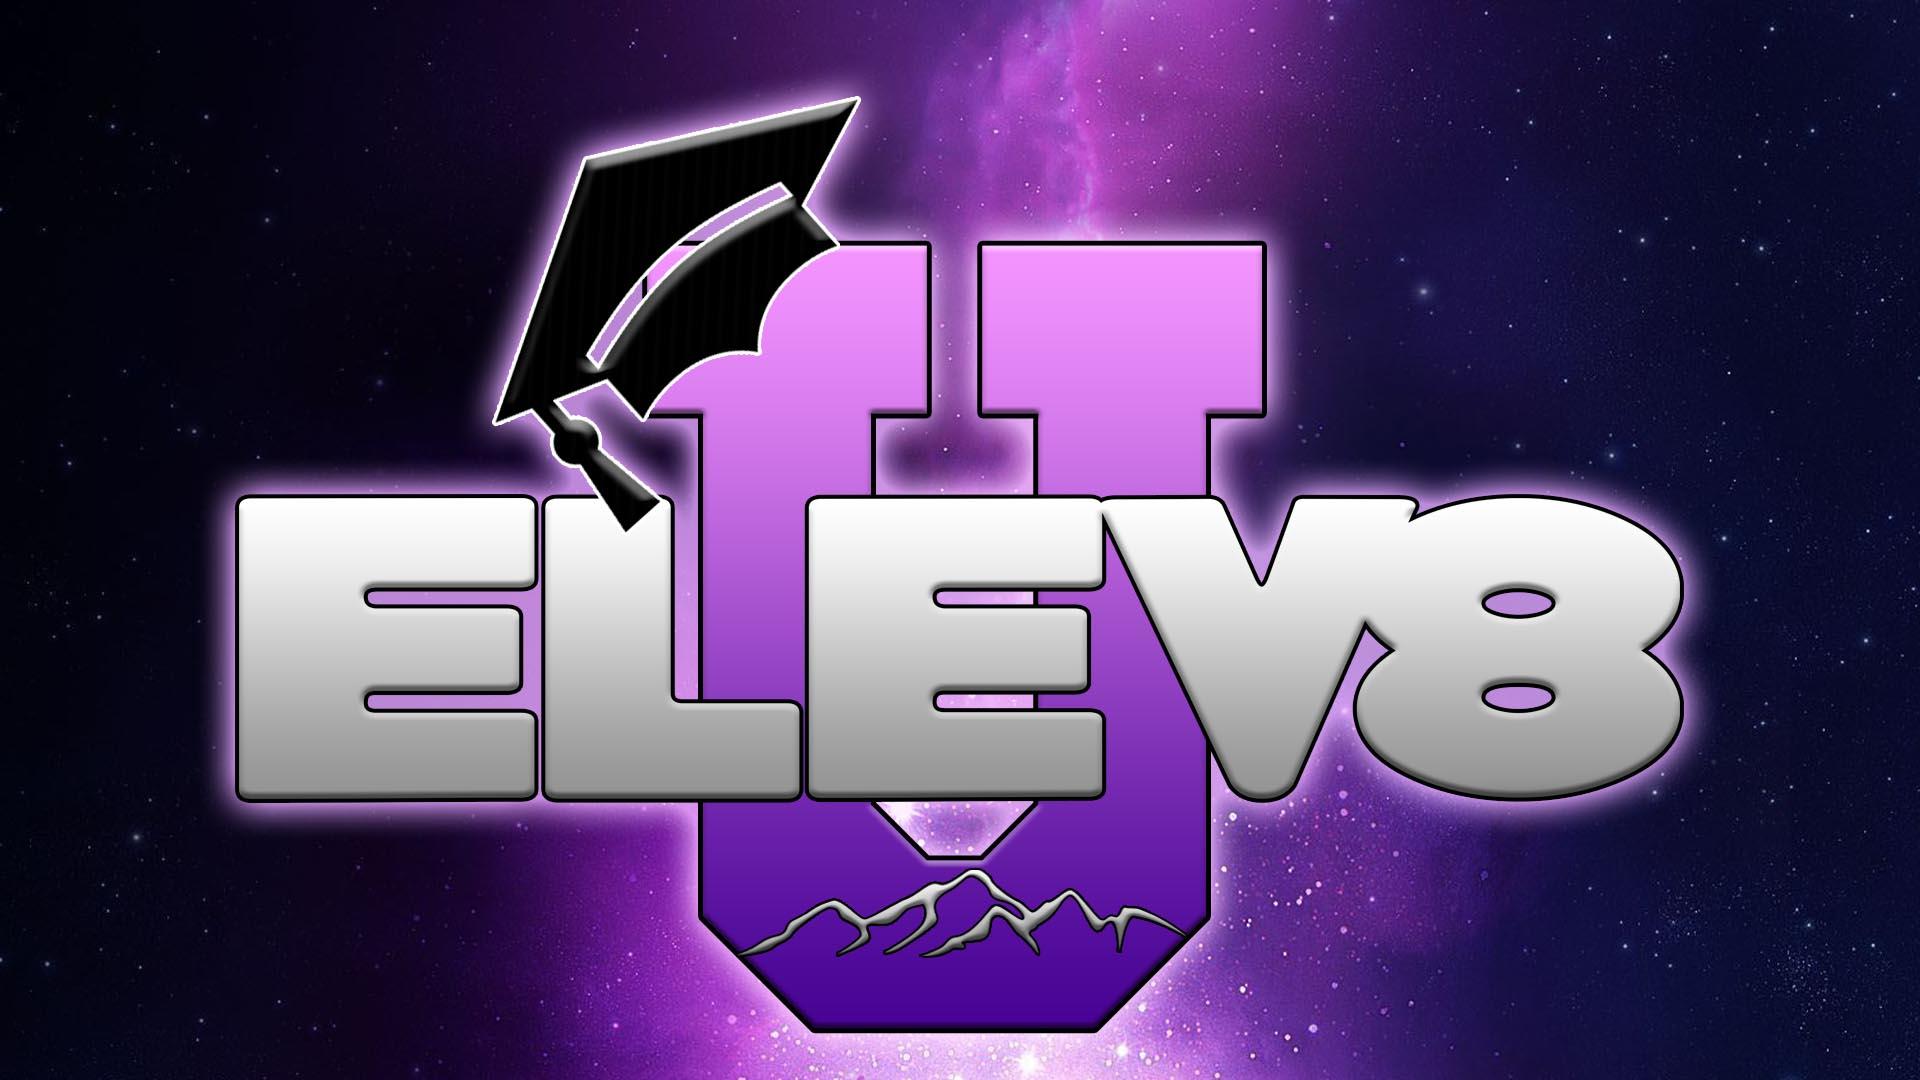 elev8-u-space-logo-background.jpg